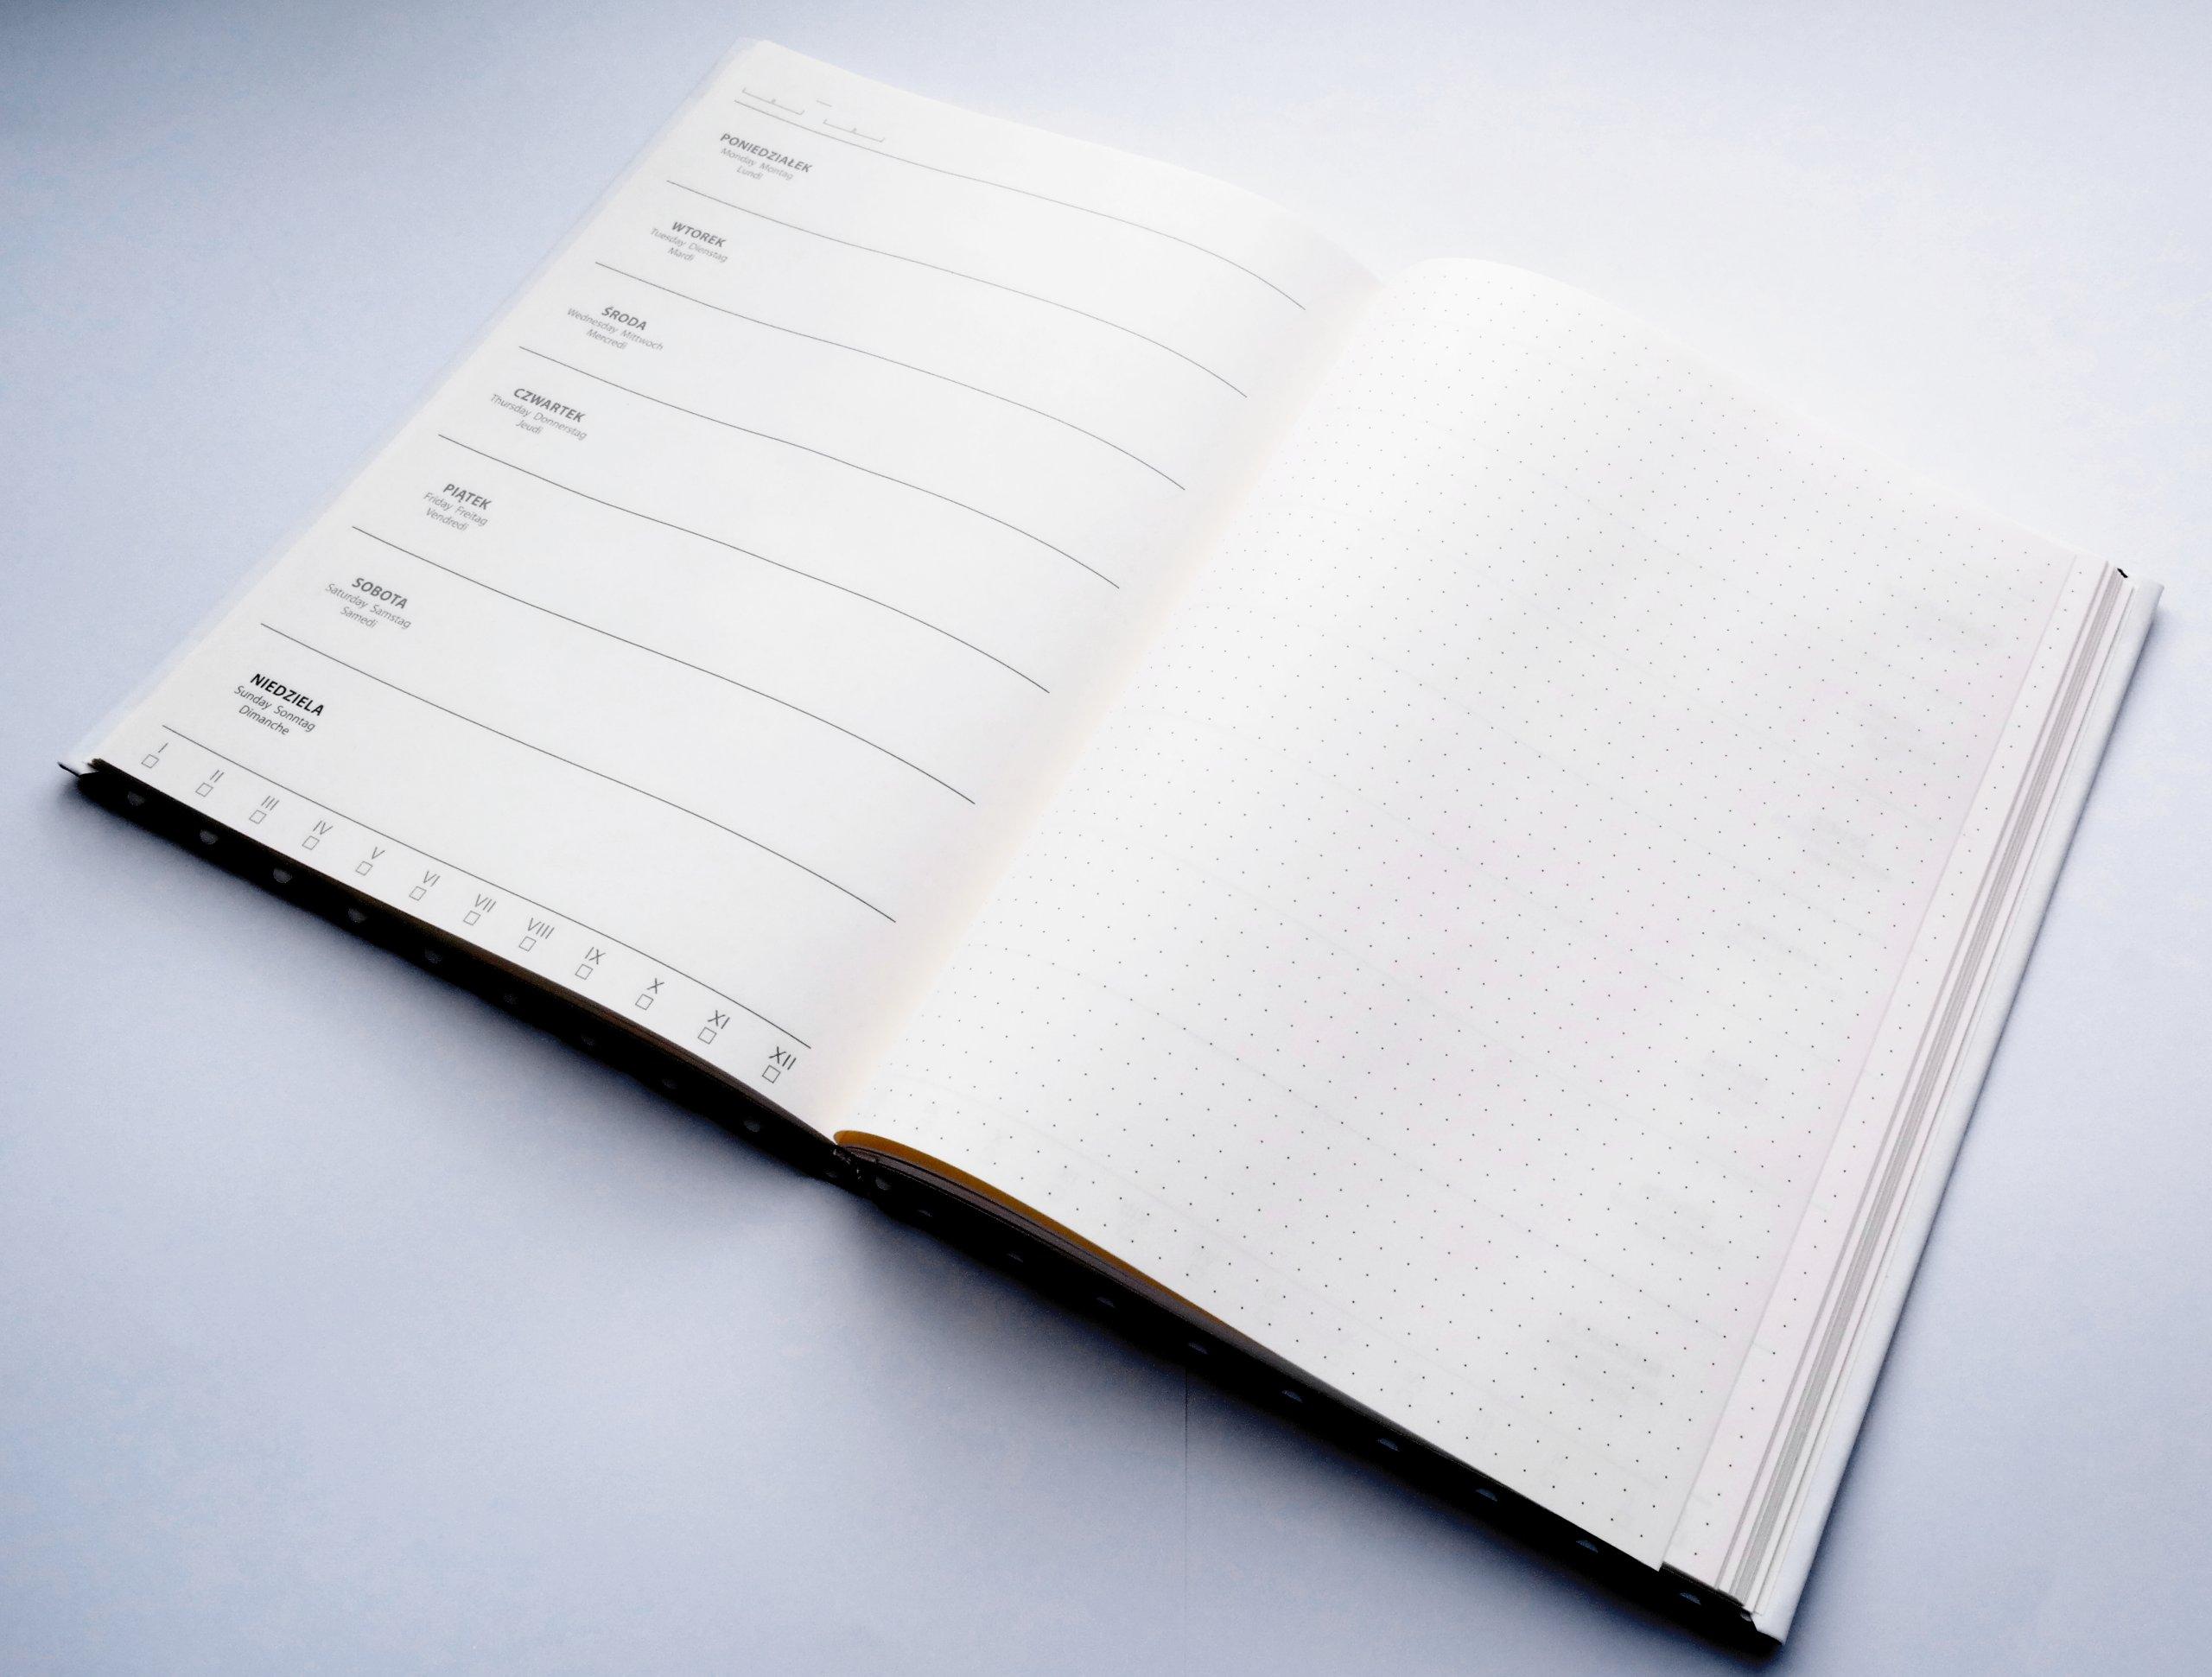 Планировщик планировщик записная книжка B6 с резинкой планировщик 8